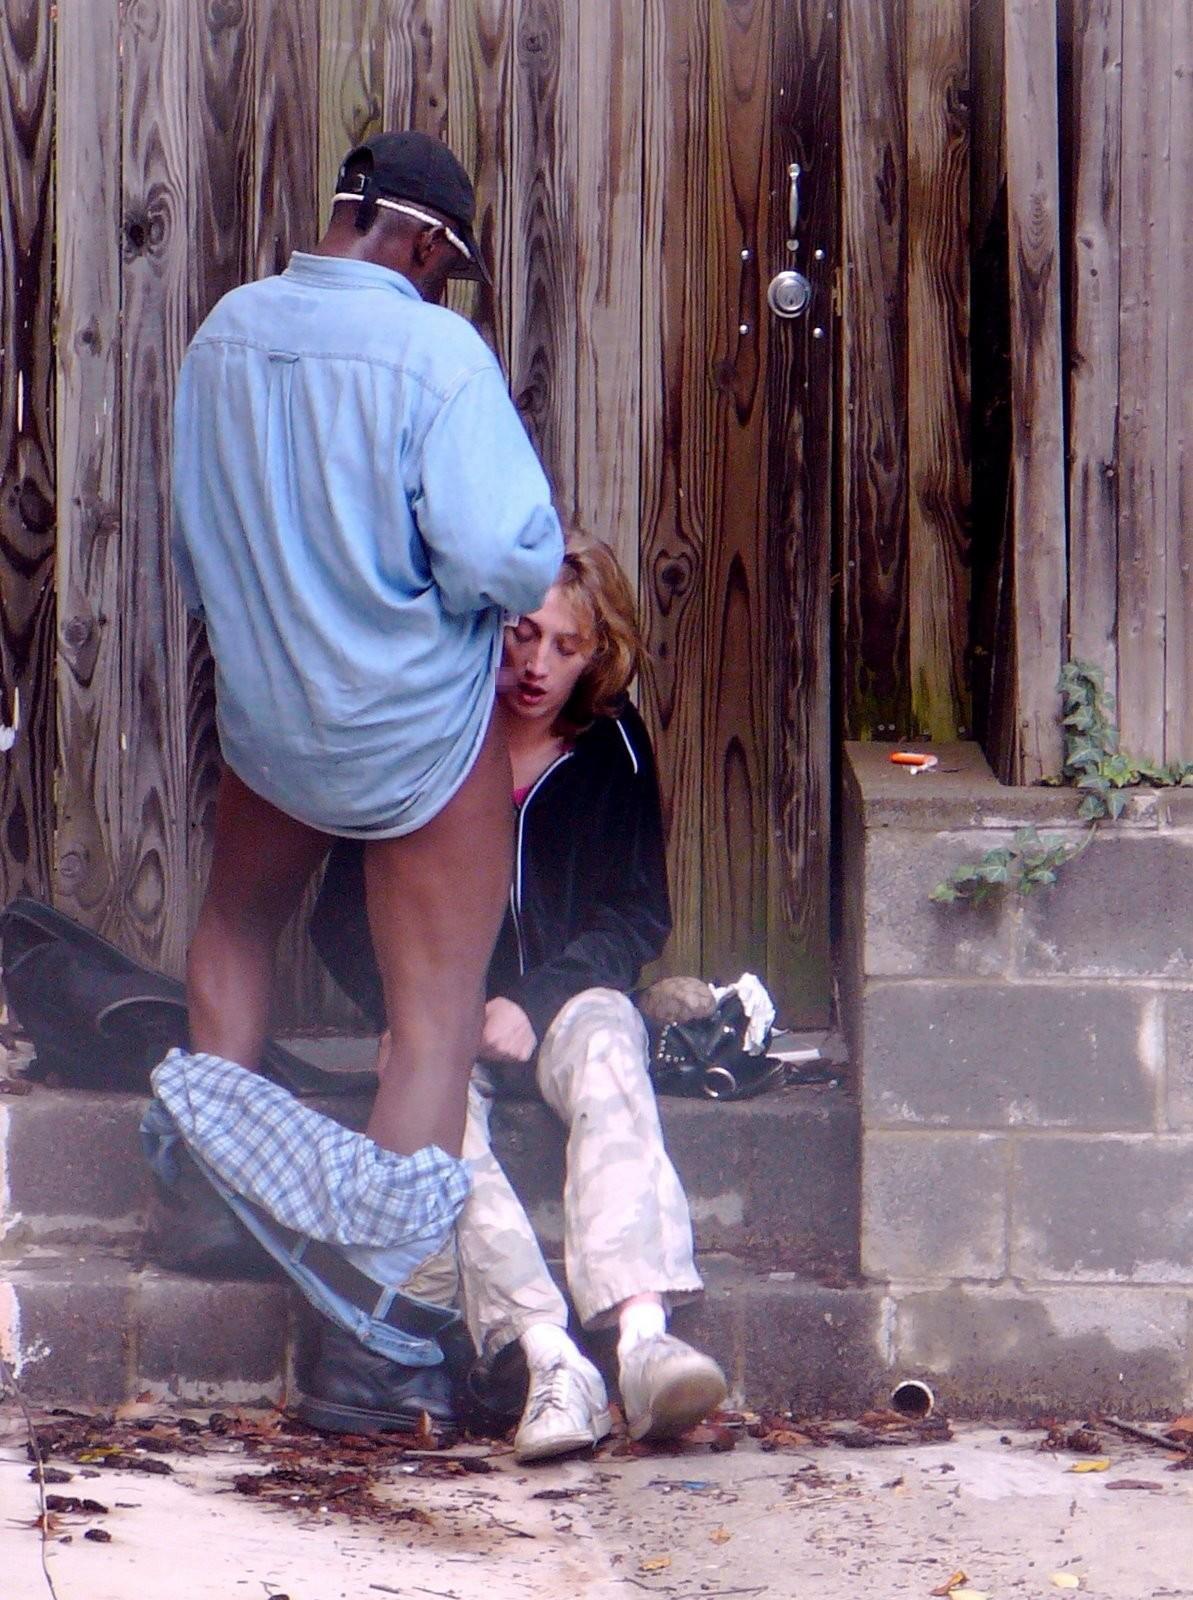 【エロ画像】本場の売春まんさん、客を引っ掛けてる生々しい実態がコチラwwwwwwwwwww・14枚目